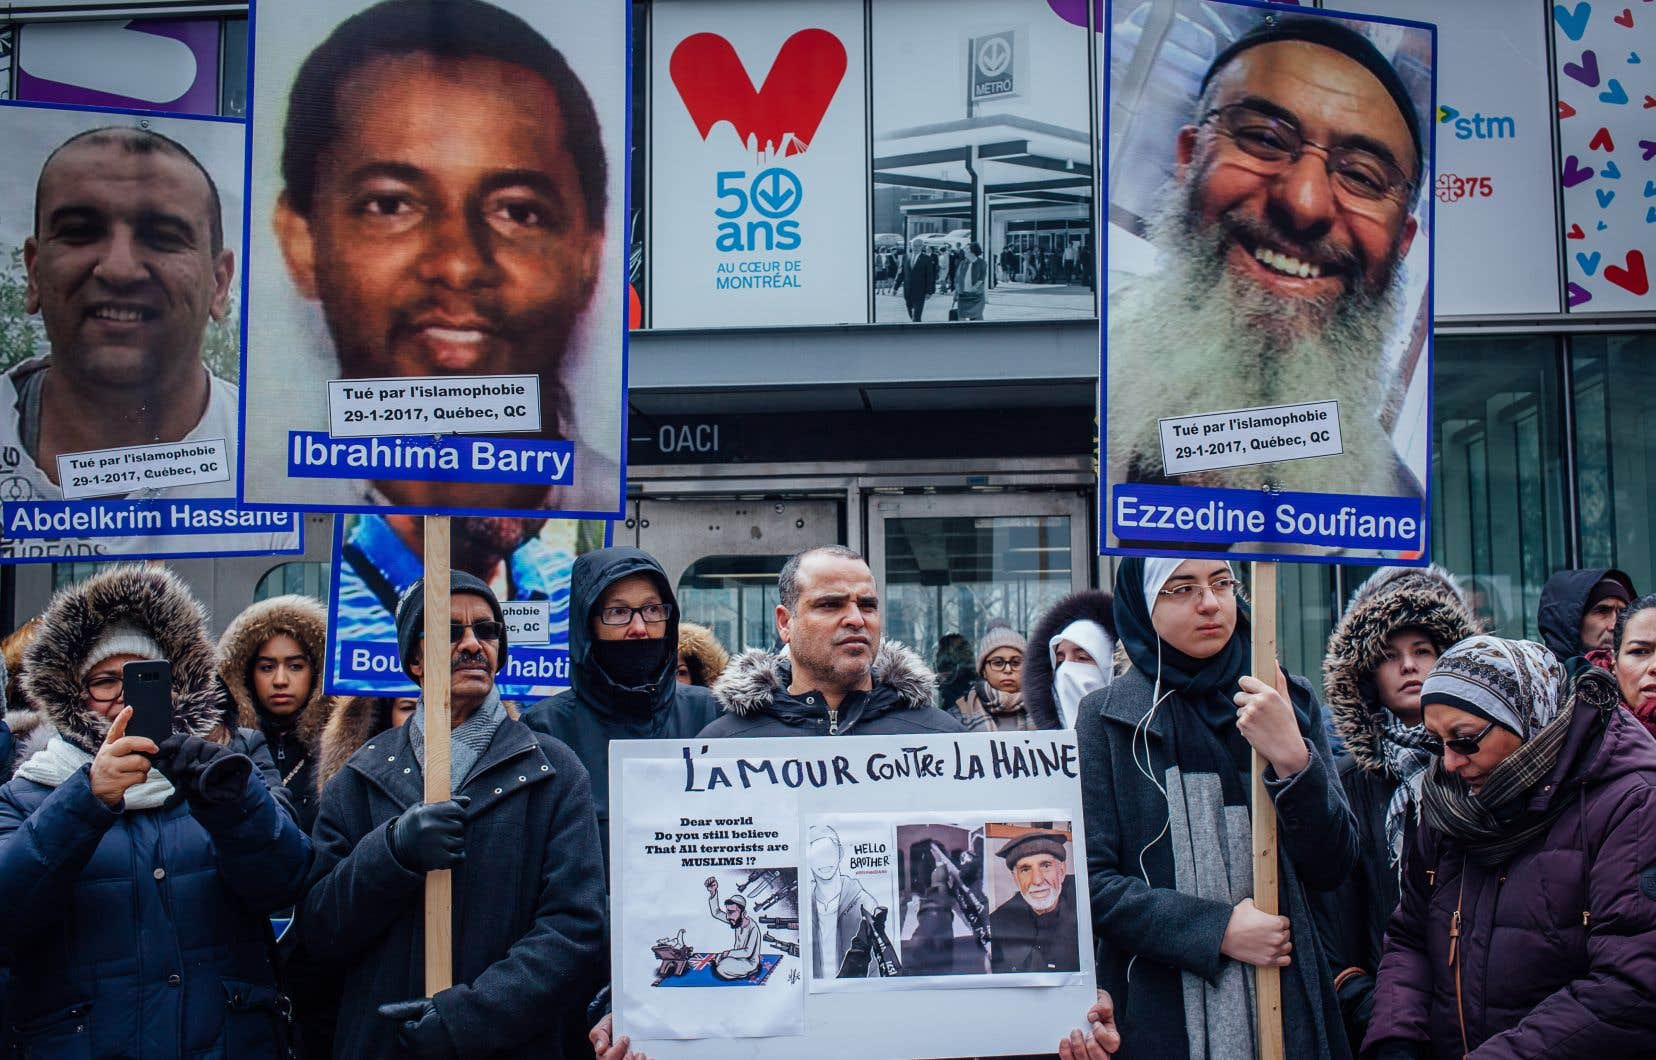 Des photographies des six hommes tués à la mosquée de Québec en janvier 2017 étaient affichées sur des pancartes. On pouvait y lire: «tué par l'islamophobie, 29-1-2017, Québec».